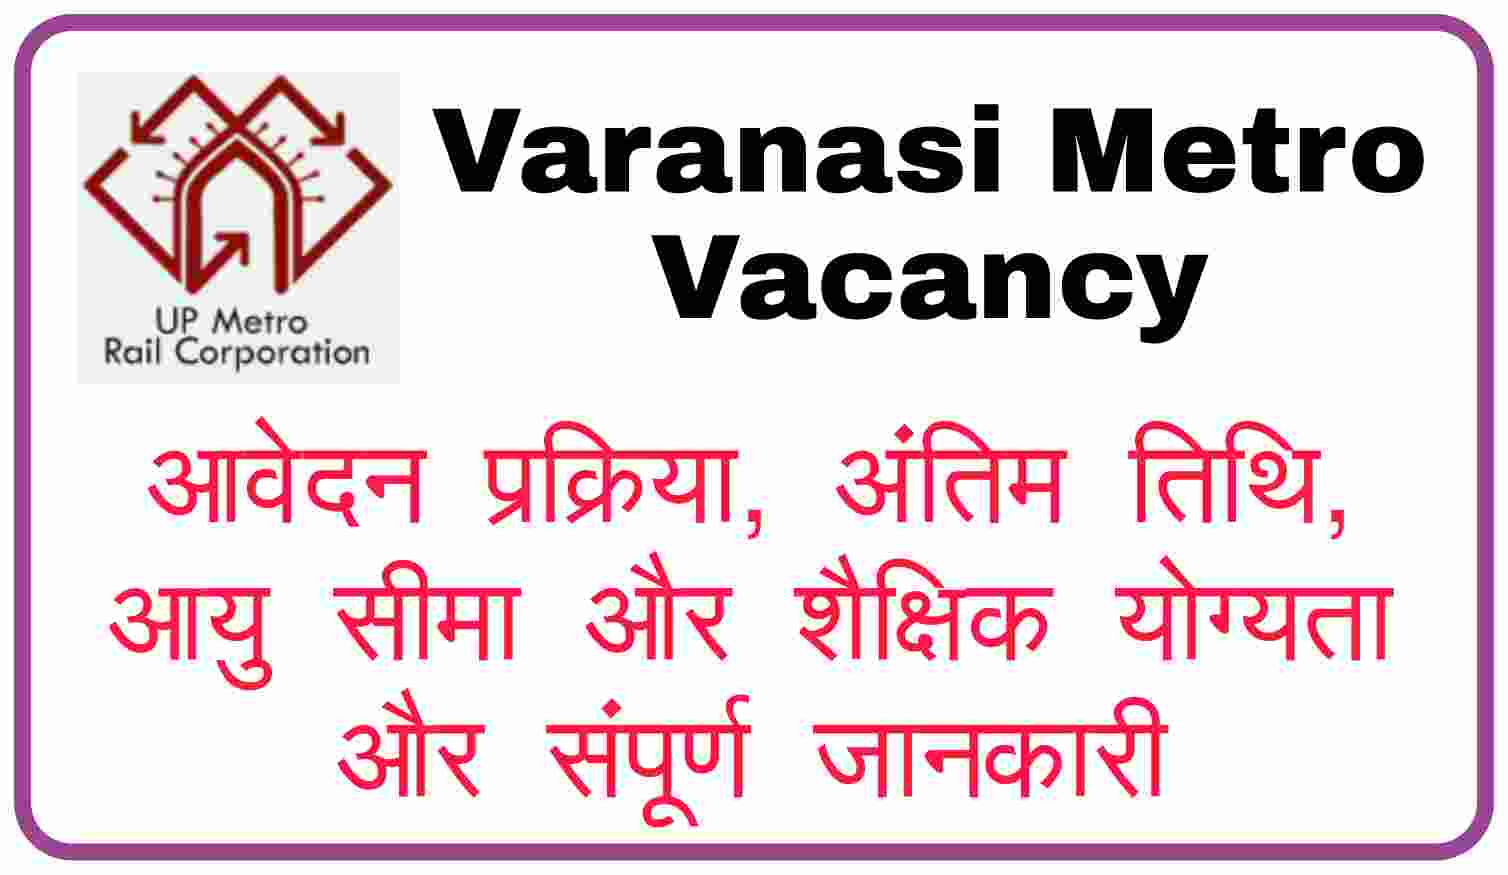 Varanasi metro vacancy 2021